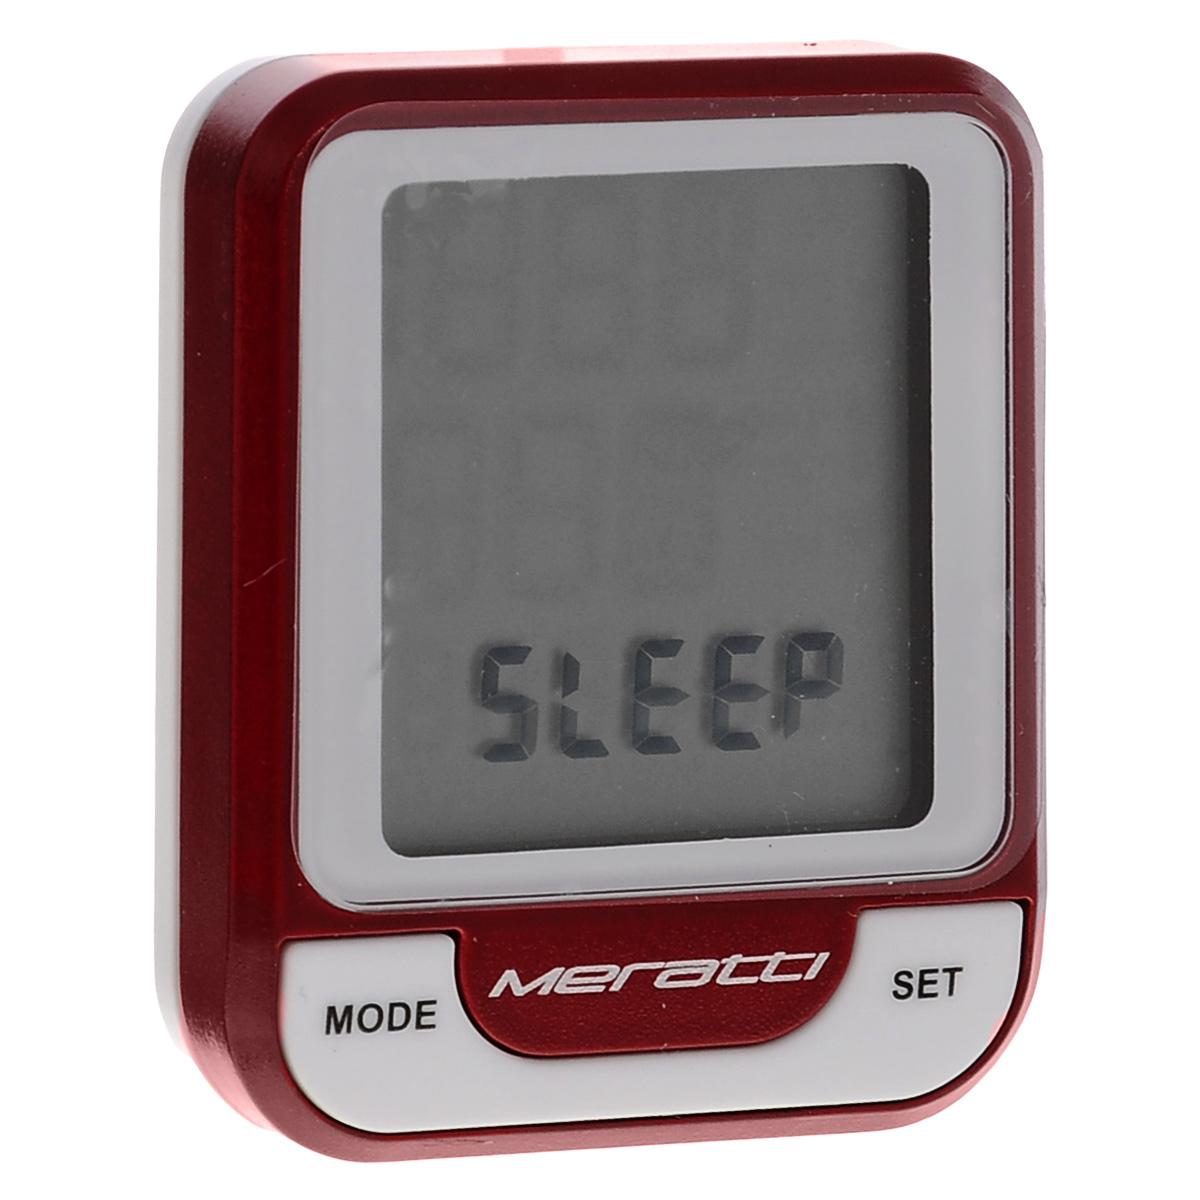 Велокомпьютер беспроводной Meratti, с кардиодатчикомC014Беспроводной компьютер Meratti выполнен из высококачественного прочного пластика. Оснащен кардиодатчиком C014. Компьютер питается от 1 батарейки CR2032 (в комплекте). Особенности: Аналоговый способ передачи сигнала 5.3K. Показания монитора: время (часы, минуты, секунды), скорость, средняя скорость, максимальная скорость, тенденция скорости, пульс, средний пульс, максимальный пульс, тенденция пульса, 4 пакета зон пульса, время поездки, суммарное время пробега, общий пробег, общий расход калорий. Режимы: SCAN.